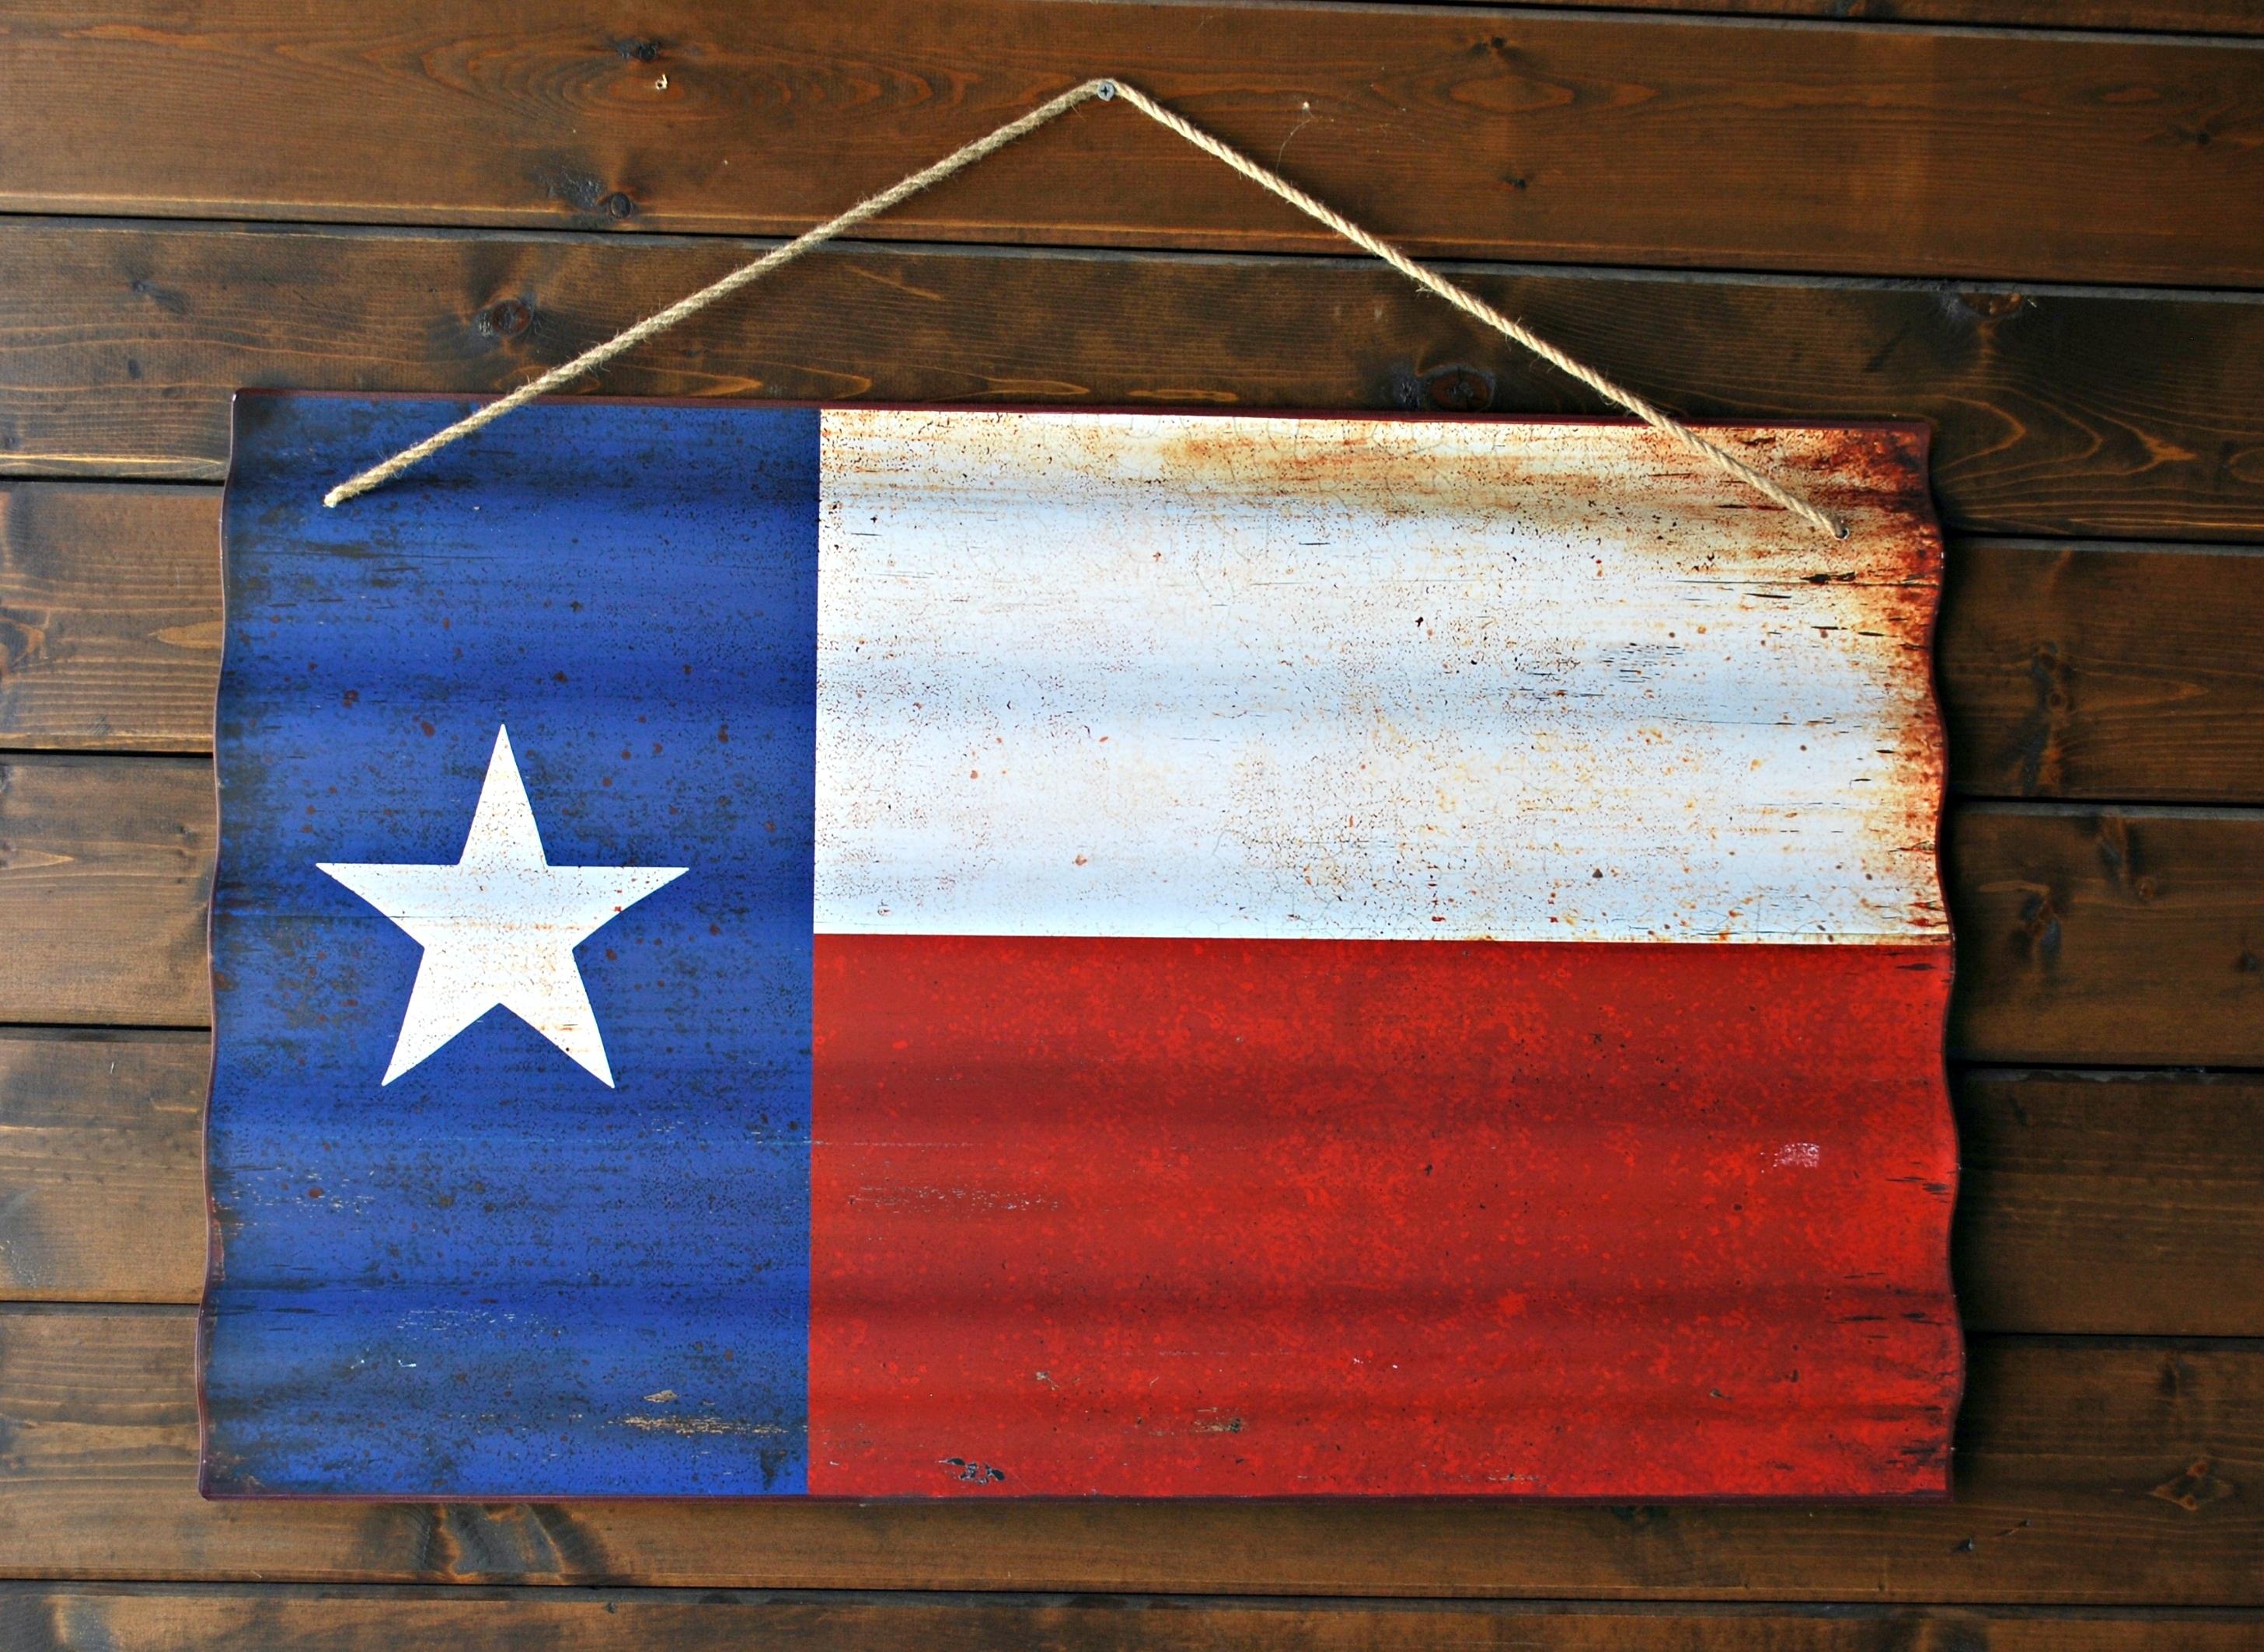 Gratis billeder : træ, hvid, stjerne, væg, Land, rød, symbol, farve, USA, Amerika, blå, emblem ...